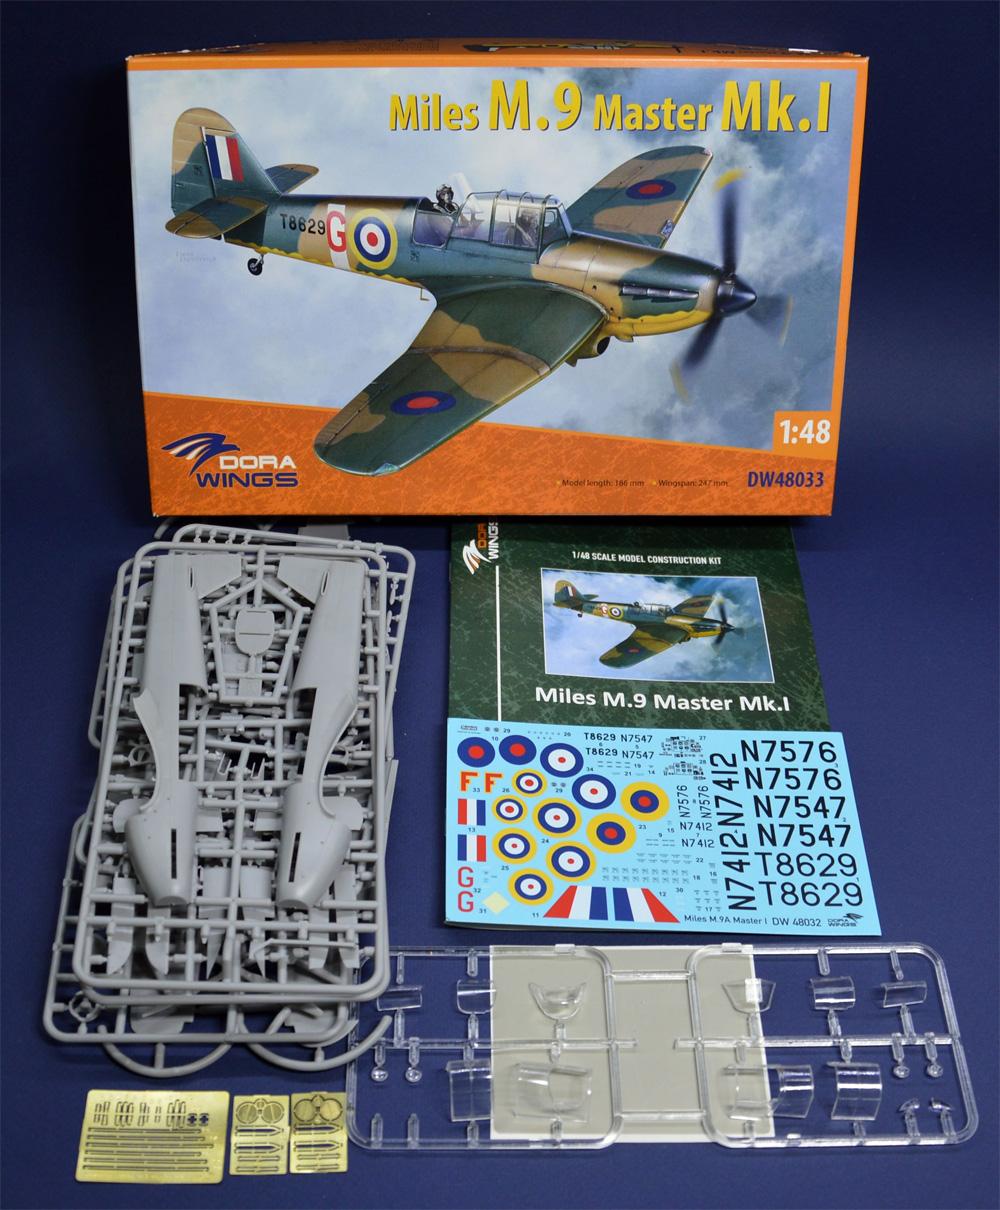 マイルズ M.9 マスター Mk.1プラモデル(ドラ ウイングス1/48 エアクラフト プラモデルNo.DW48033)商品画像_1